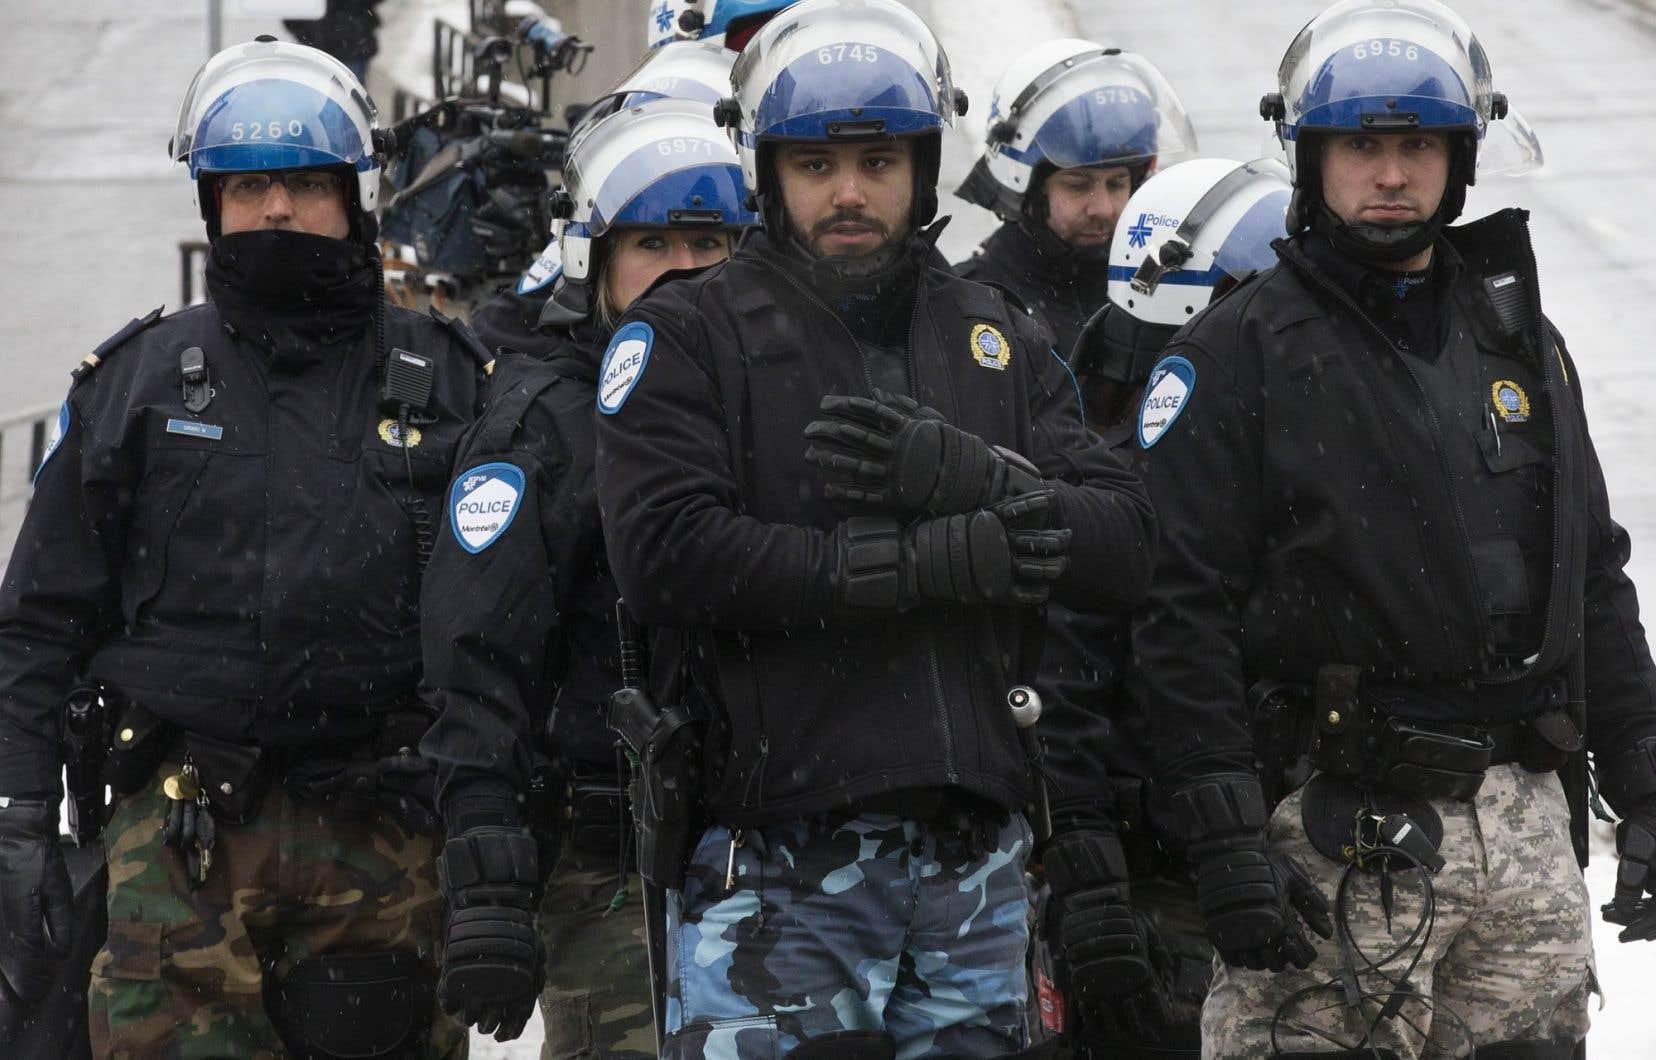 Les forces déployées, si elles n'ont pas été chiffrées par le SPVM, dépassaient largement le nombre de manifestants.